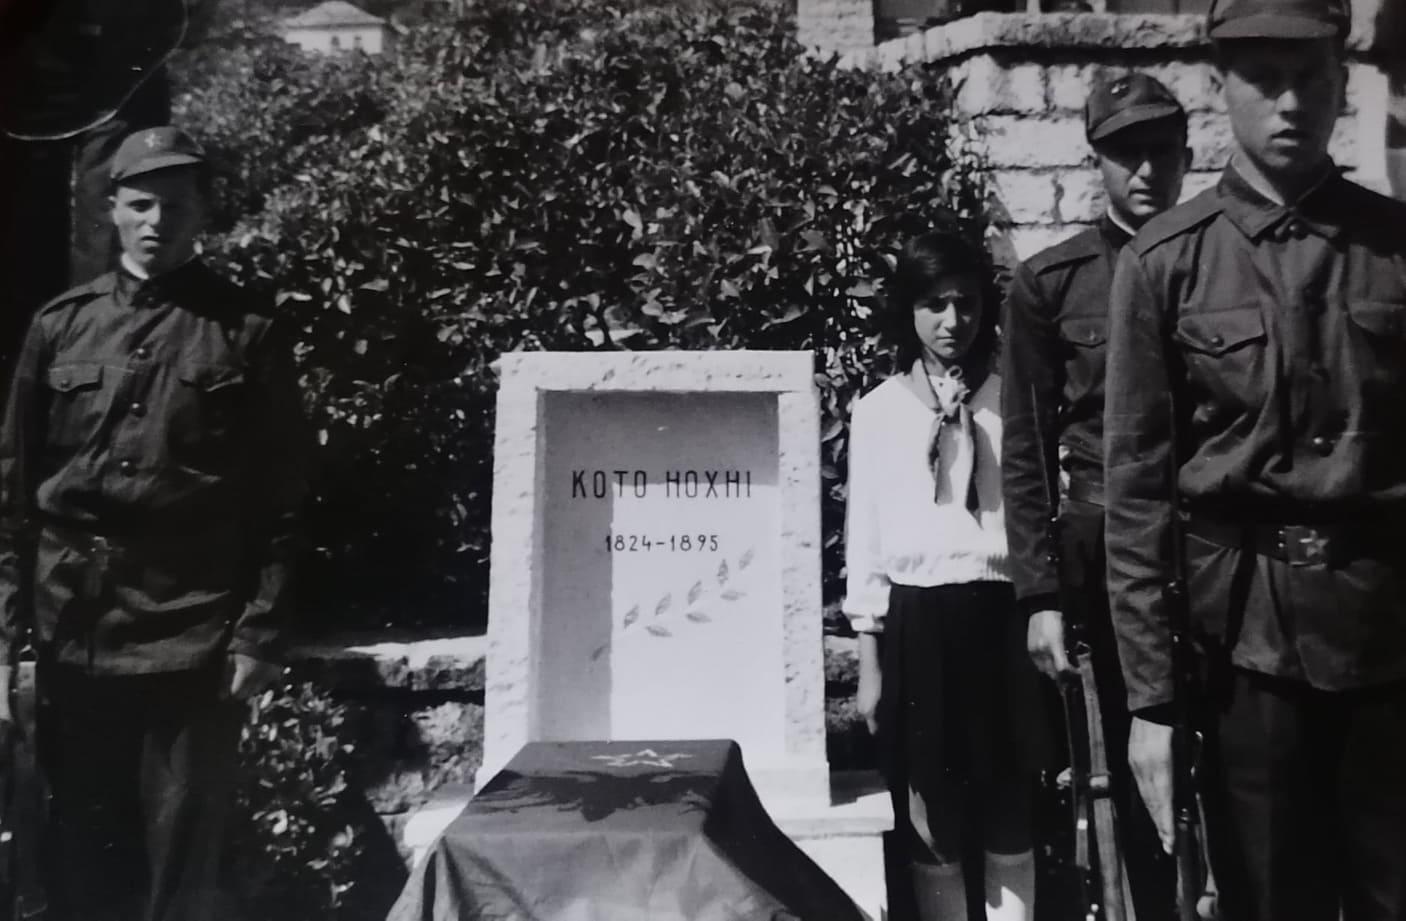 Kujtesë/ Foto e rallë nga ceremonia e vendosjes se eshtrave të Koto Hoxhit në Kodrën e Rilindësve